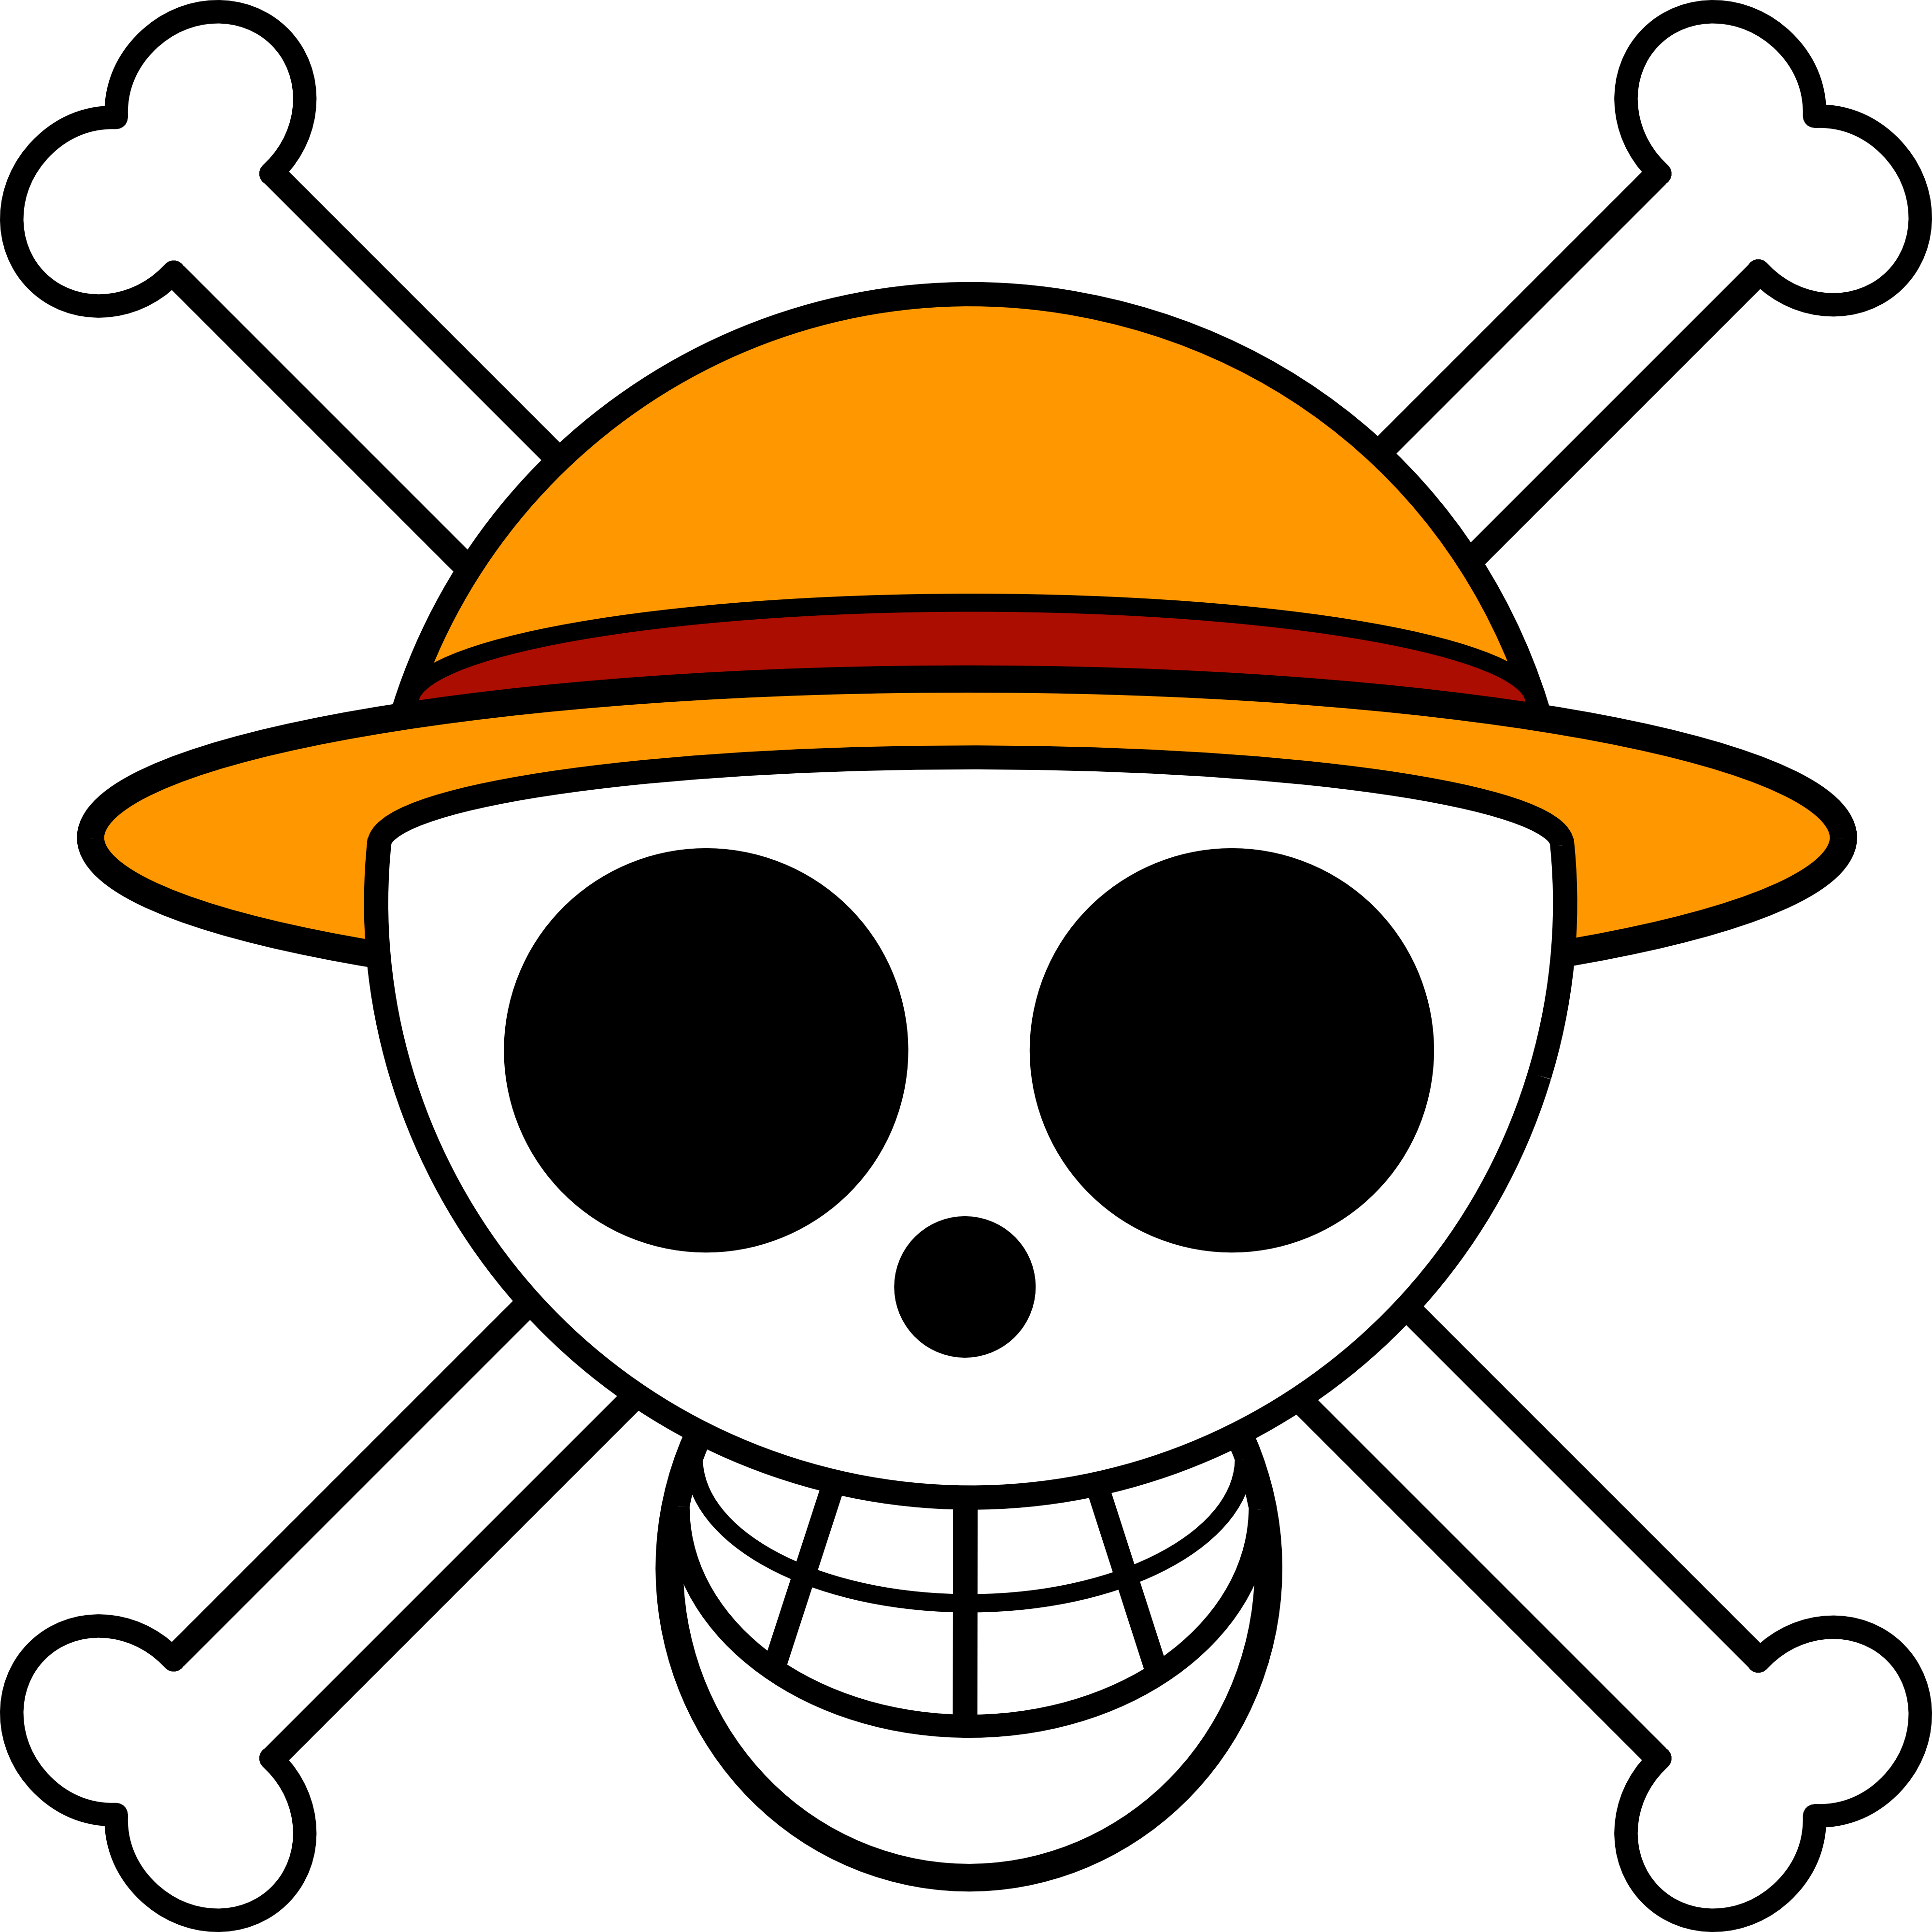 Straw Hat Pirates Jolly Roger One Piece Manga One Piece Anime One Piece